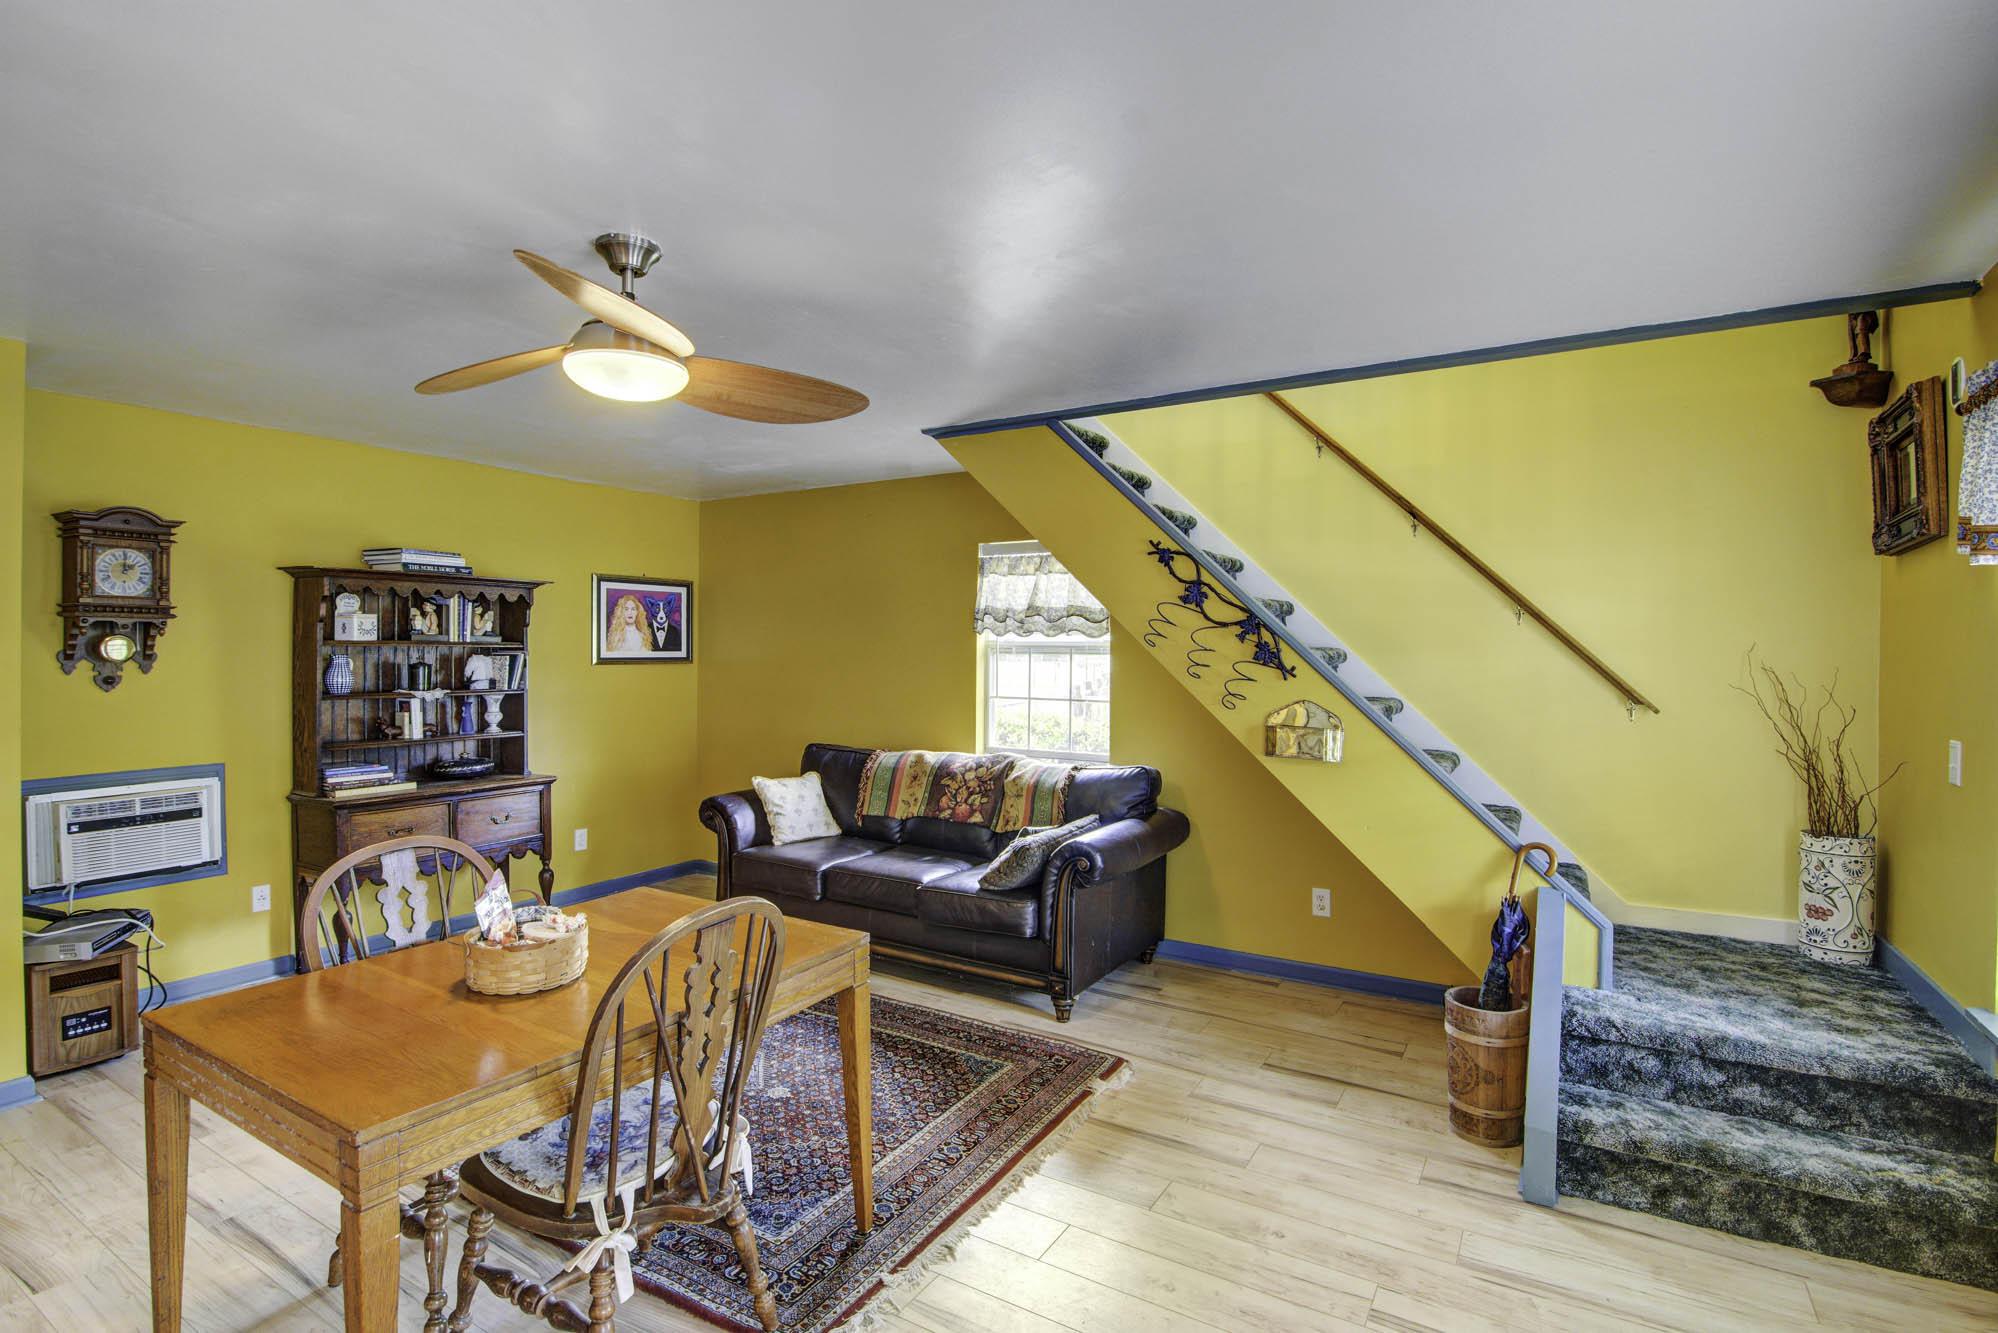 Walton Grove Homes For Sale - 119 Walton Grove, Summerville, SC - 4